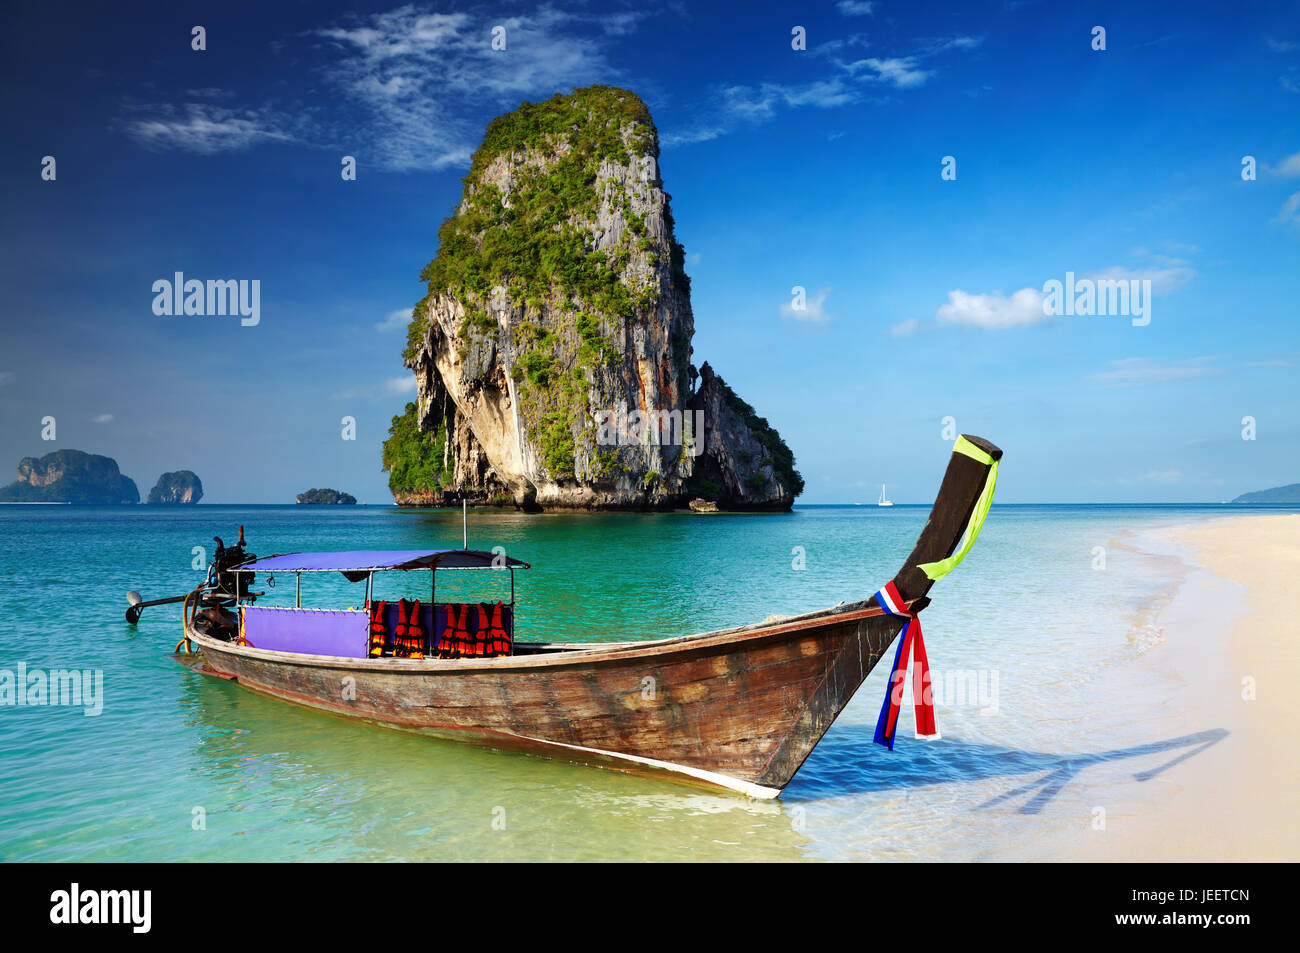 Tropical beach, bateau longtail, la mer d'Andaman, Thaïlande Banque D'Images